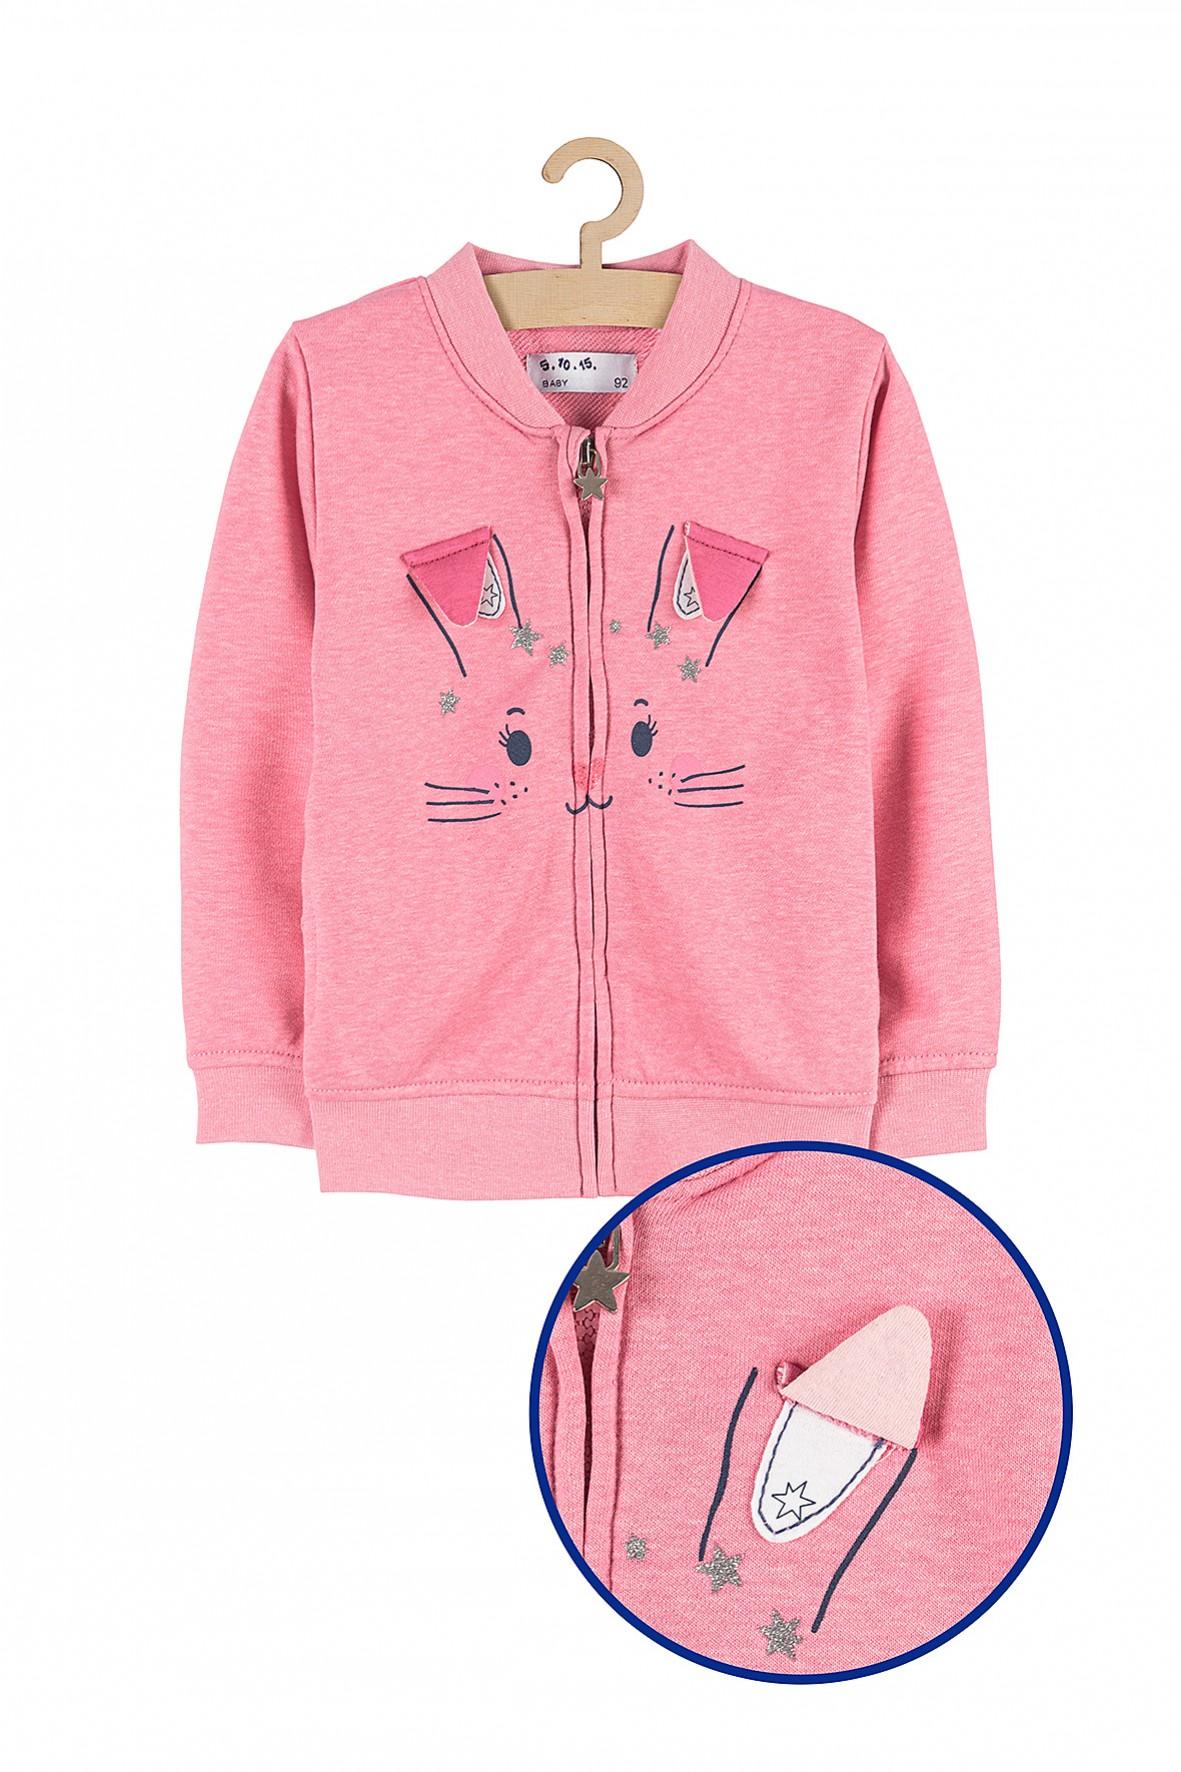 Bluza dziewczęca rozpinana różowa z króliczkiem